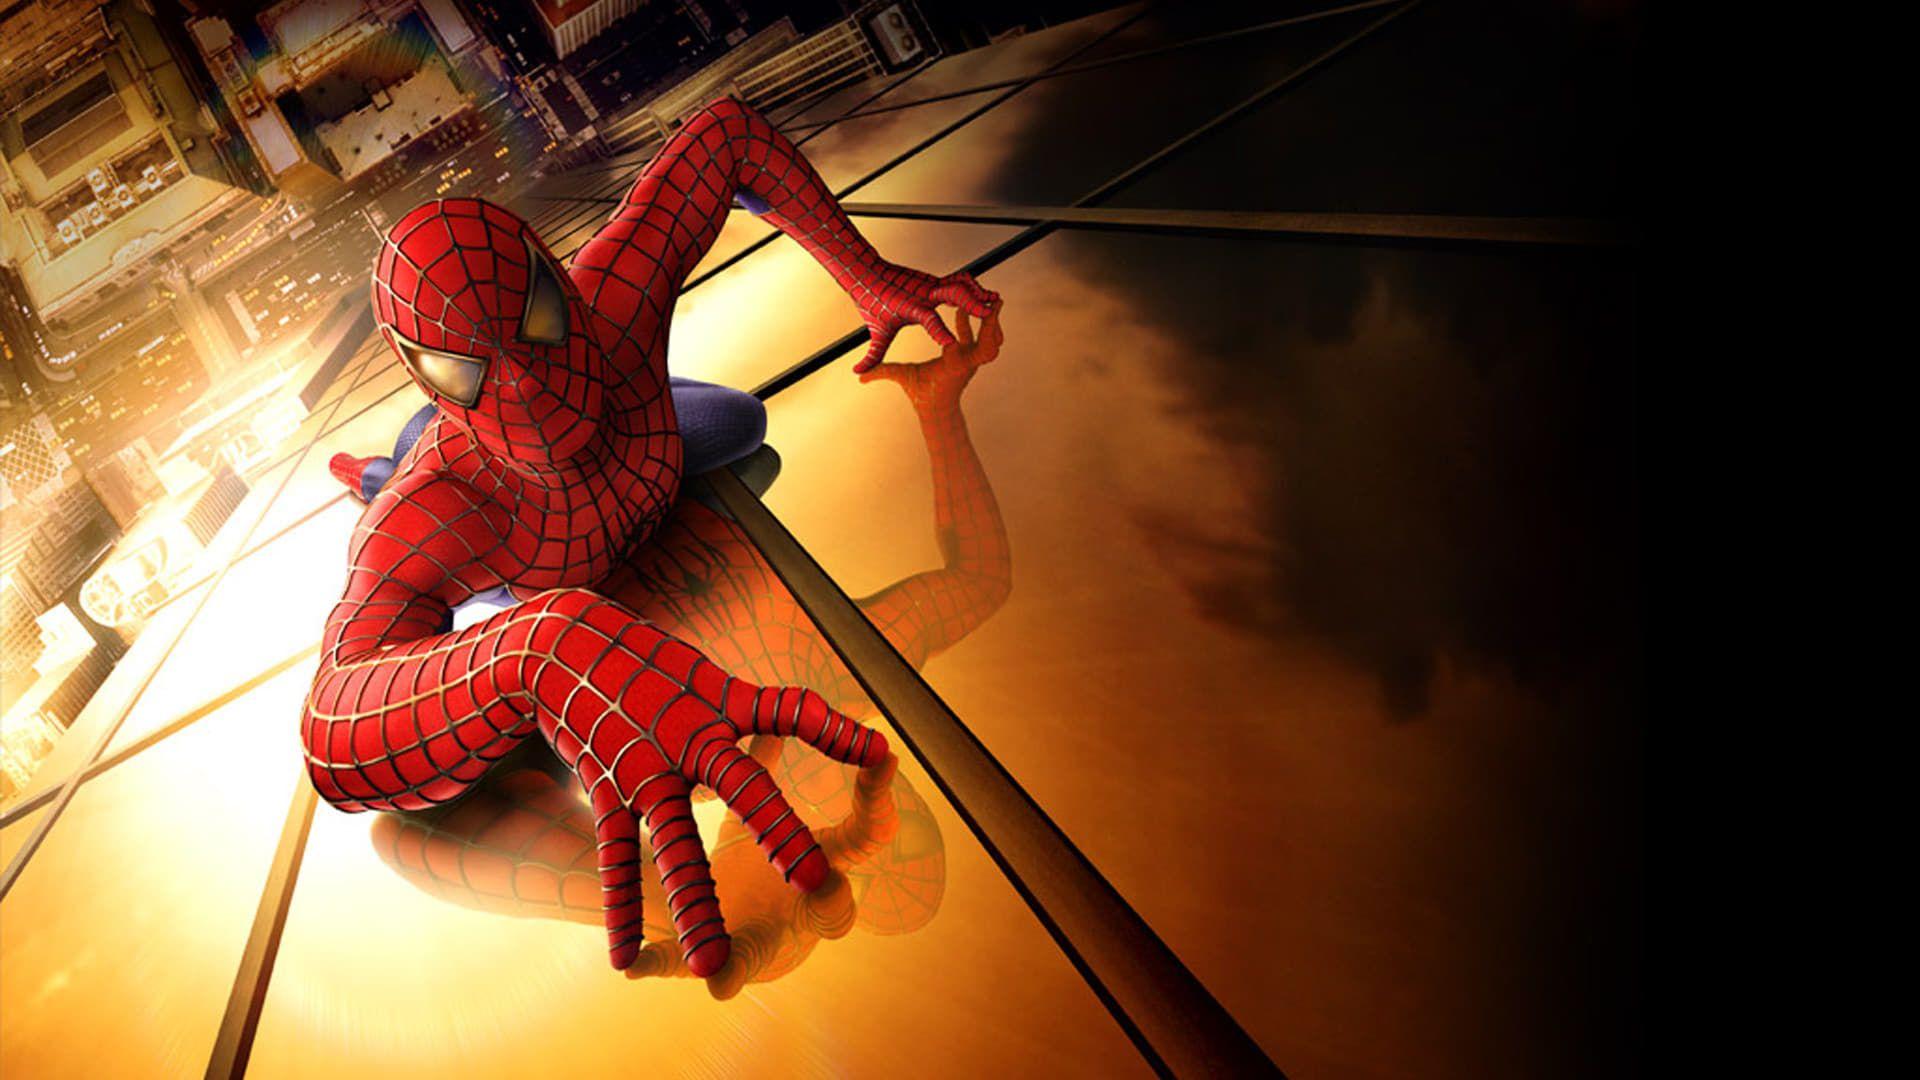 Spider Man 2002 Fuld Film Online Streaming Dansk Movie123 Den Sky Gymnasienord Peter Parker Drommer Om Smukke Ma Peter Parker Ganze Filme Ganzer Film Deutsch